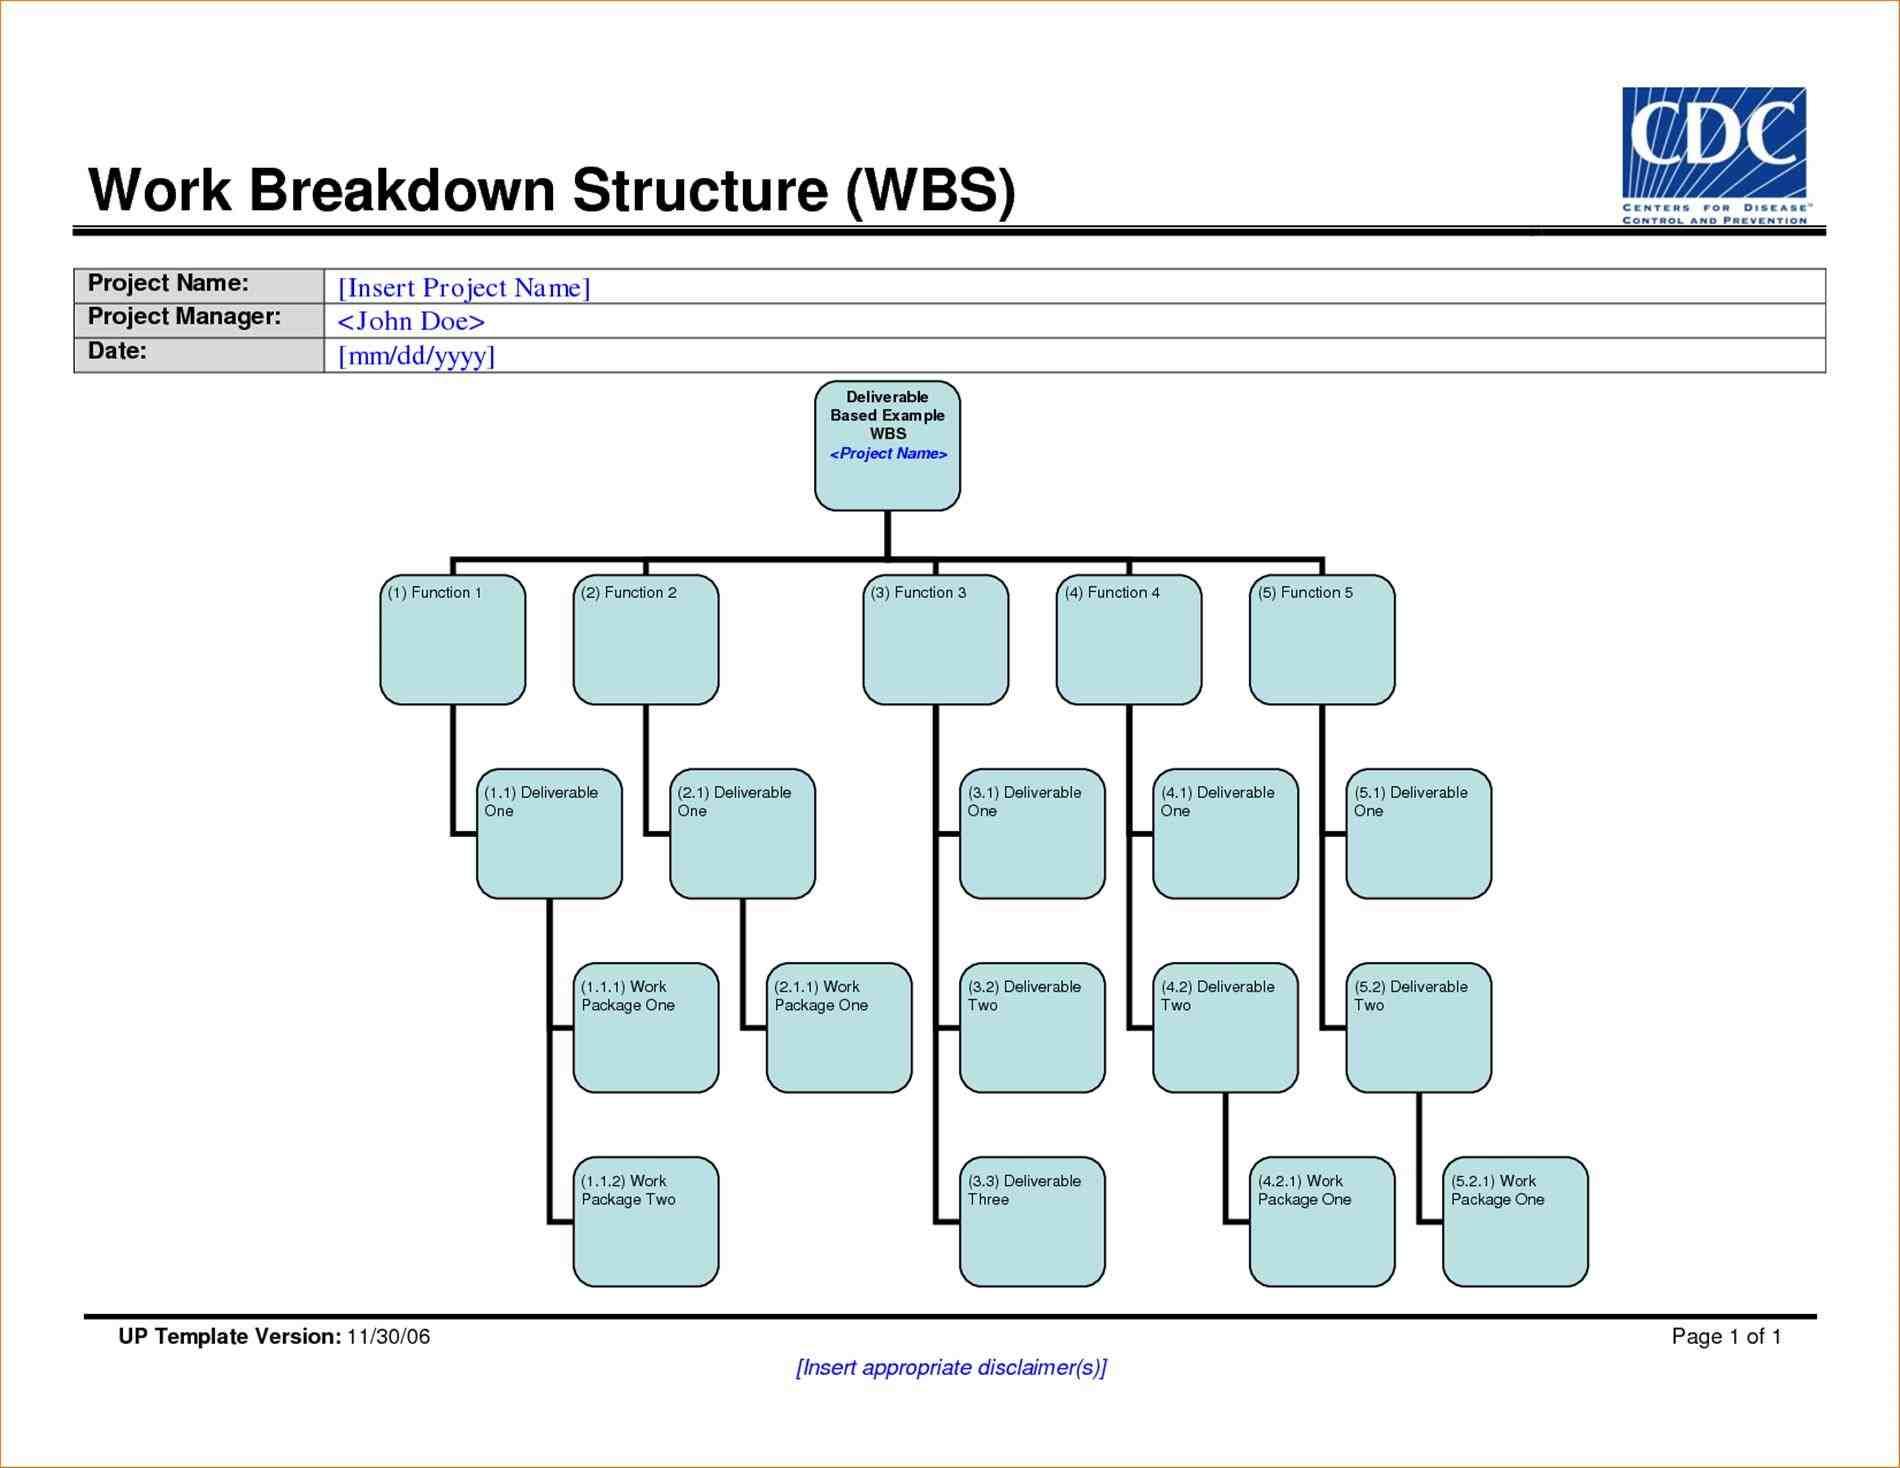 see elegant freeruncom work Work Breakdown Structure Template breakdown structure template freeruncom unique best templates unique Work Breakdown Structure Template